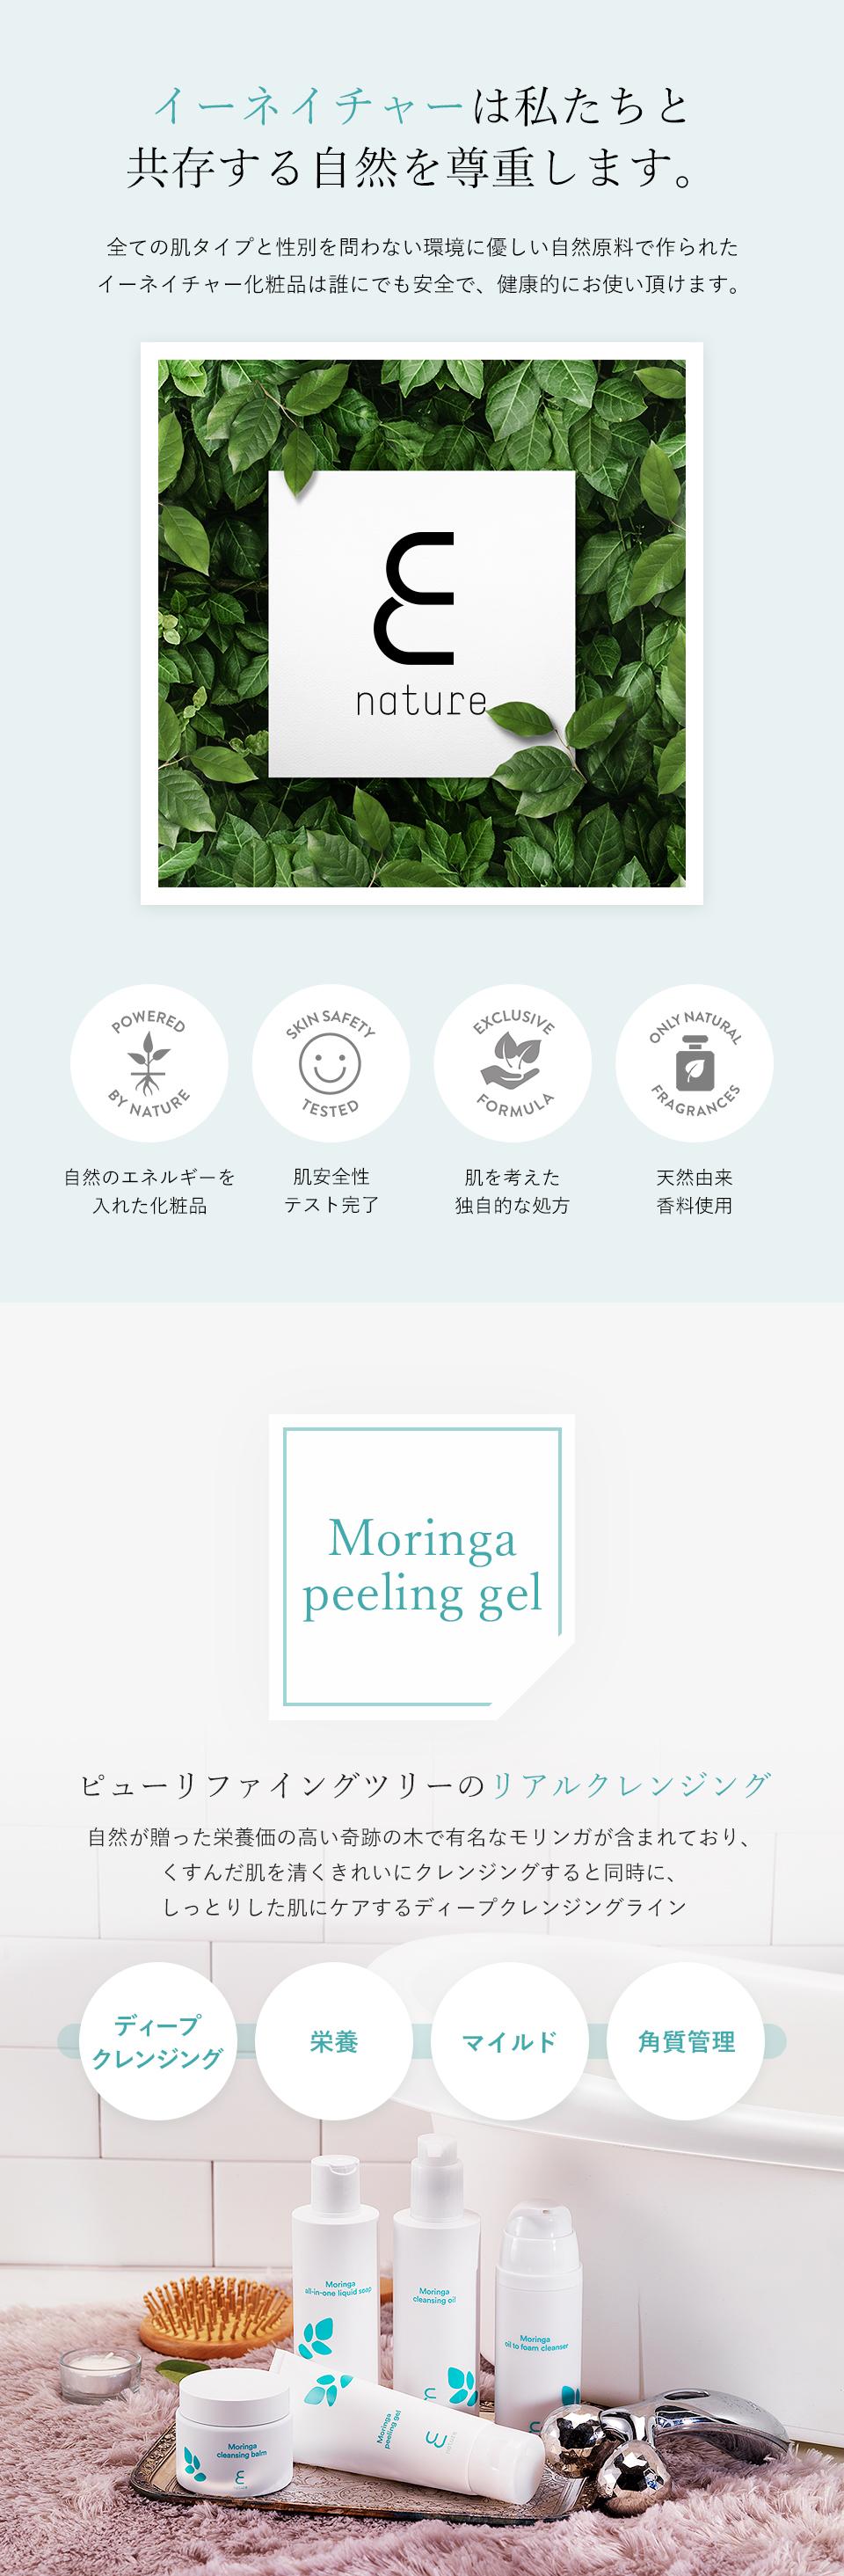 moringa_peelinggel_06_shop1_151800.jpg